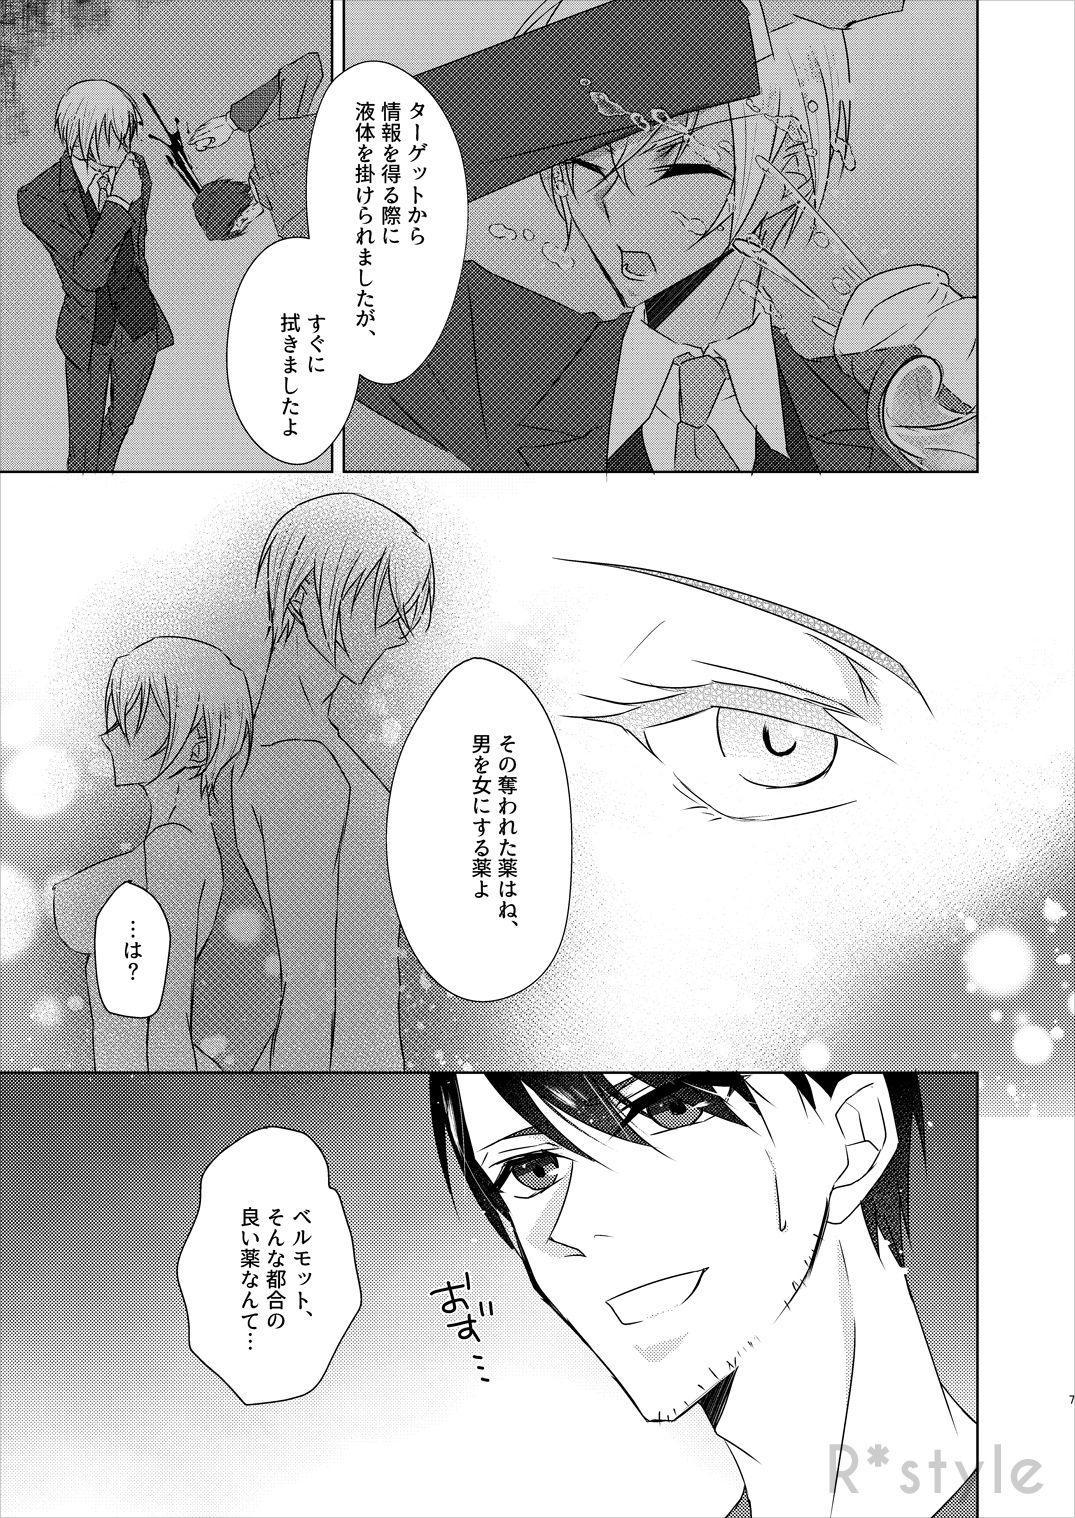 Kanojo wa Himitsu o Motteiru Side:RB 5